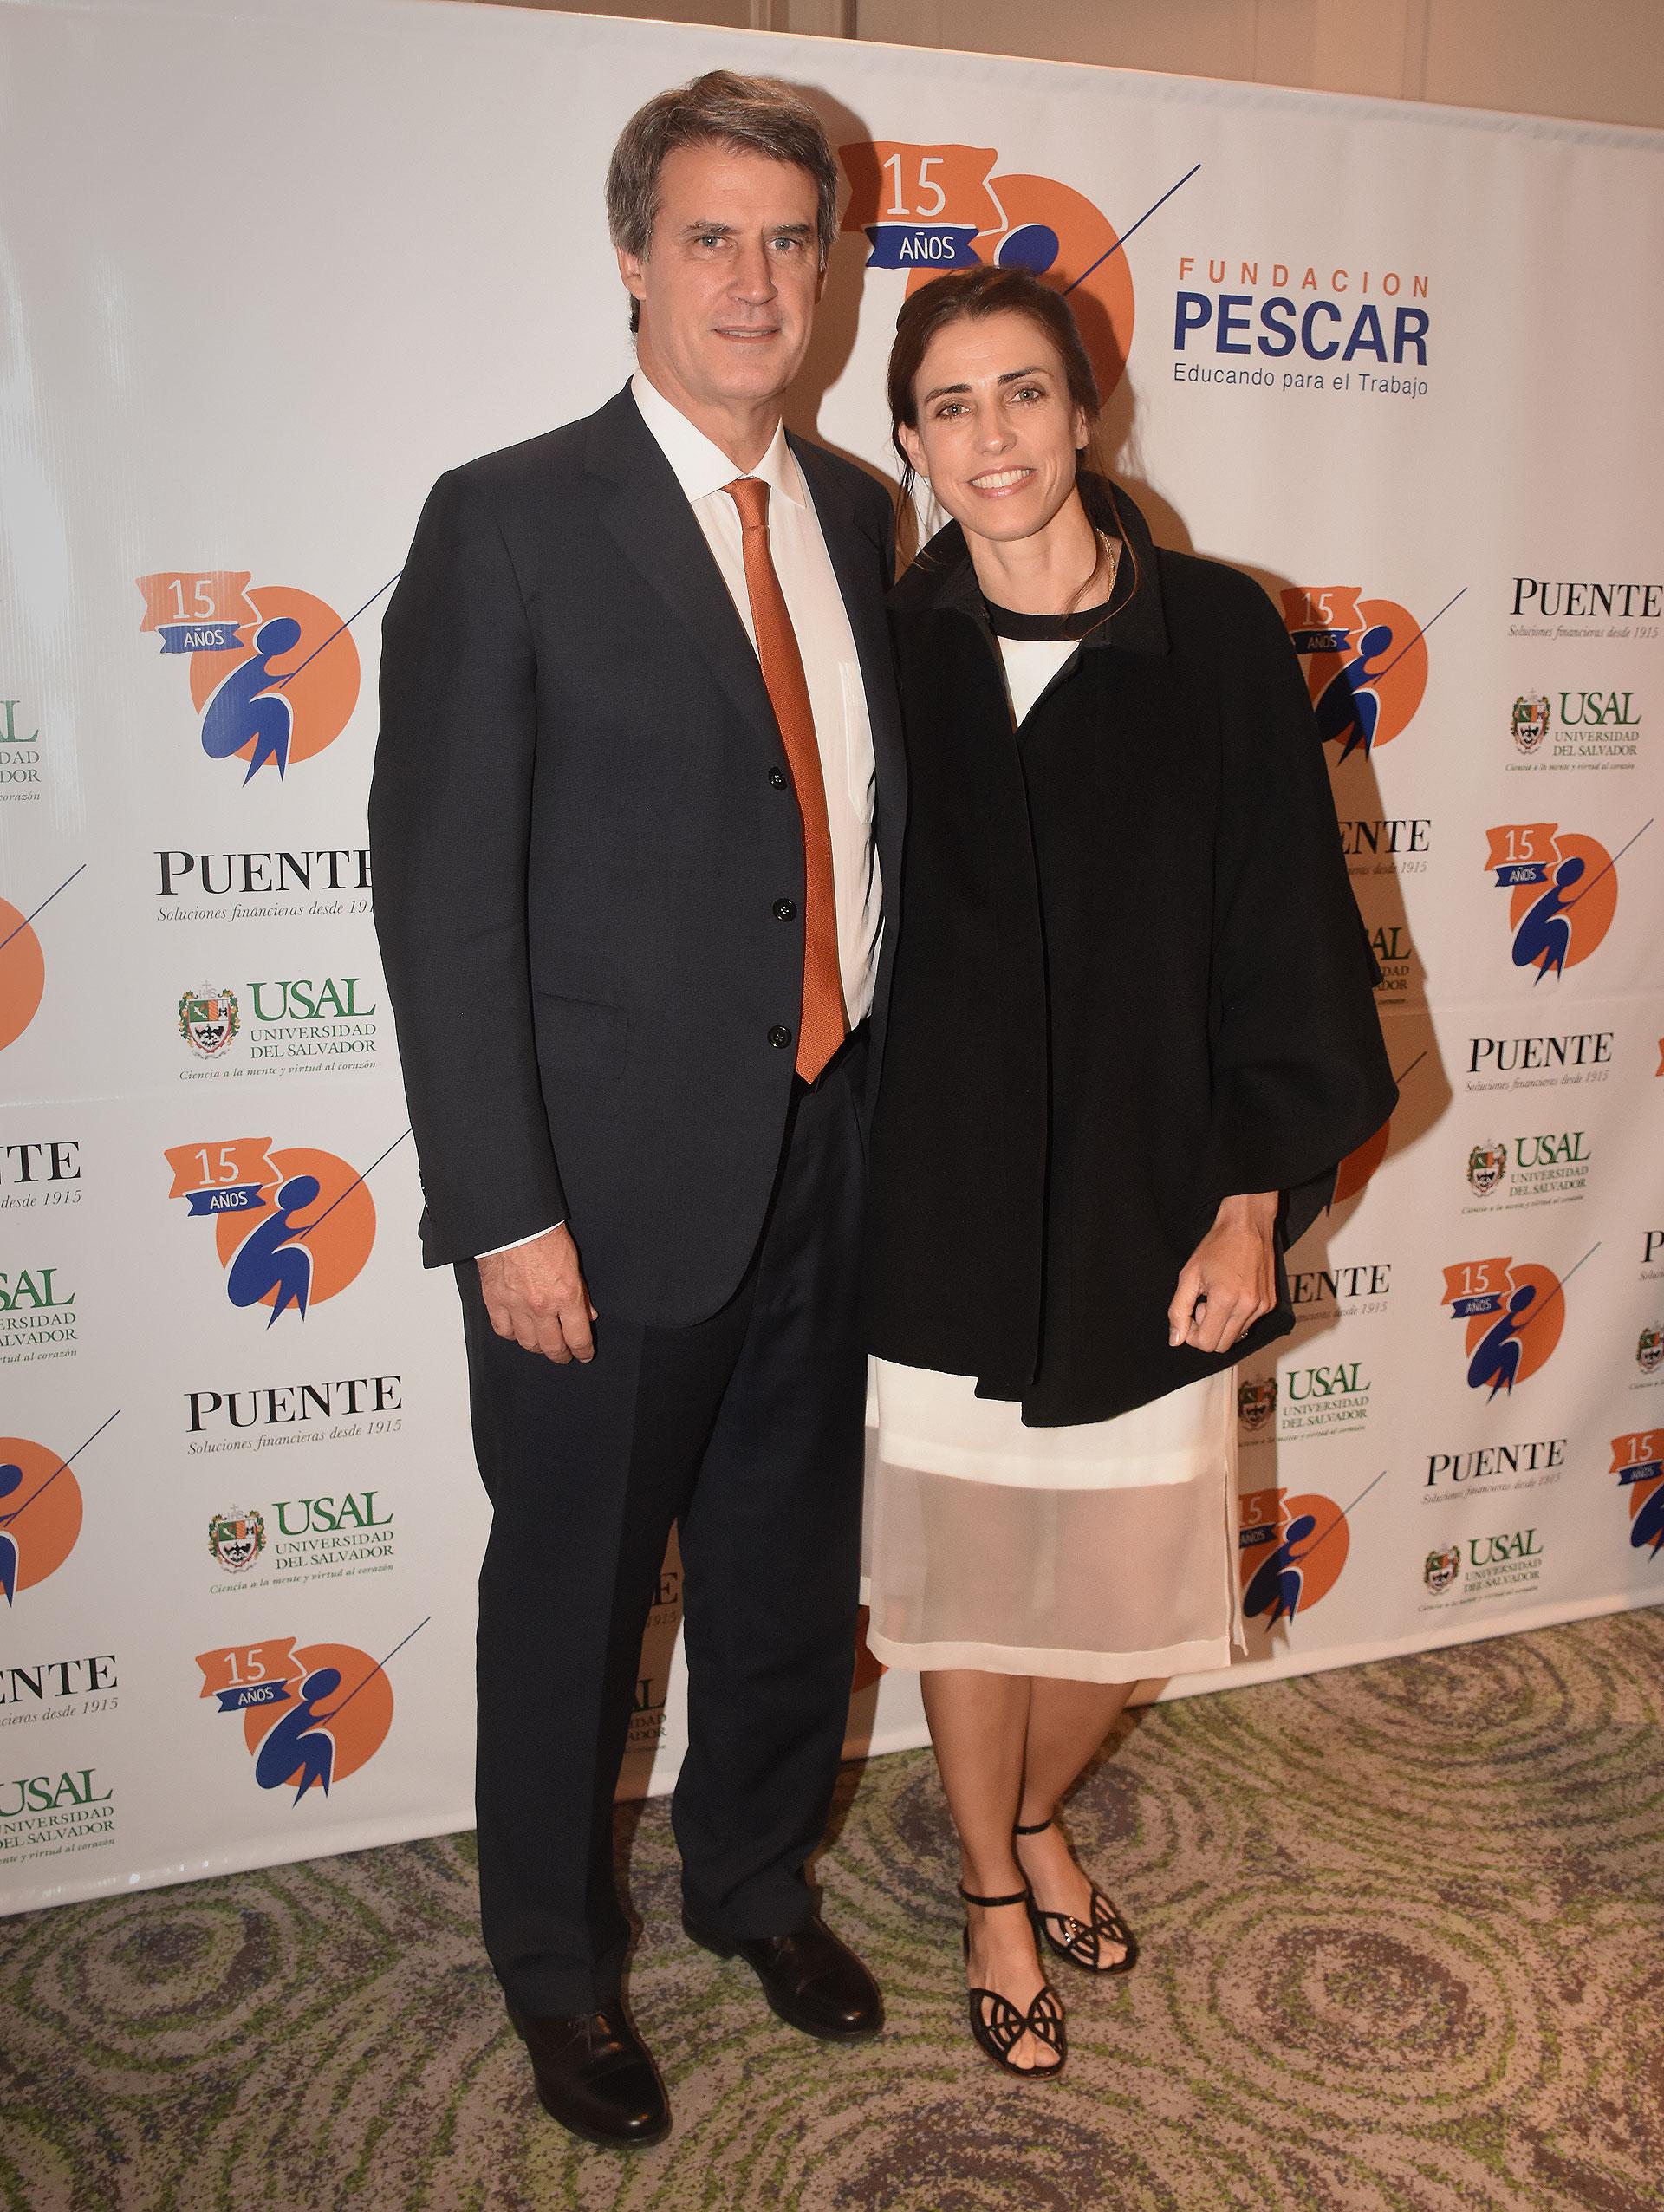 El ex ministro de Hacienda y Finanzas, Alfonso Prat-Gay, y su pareja Delfina Rodríguez, en la cena de recaudación de la Fundación Pescar